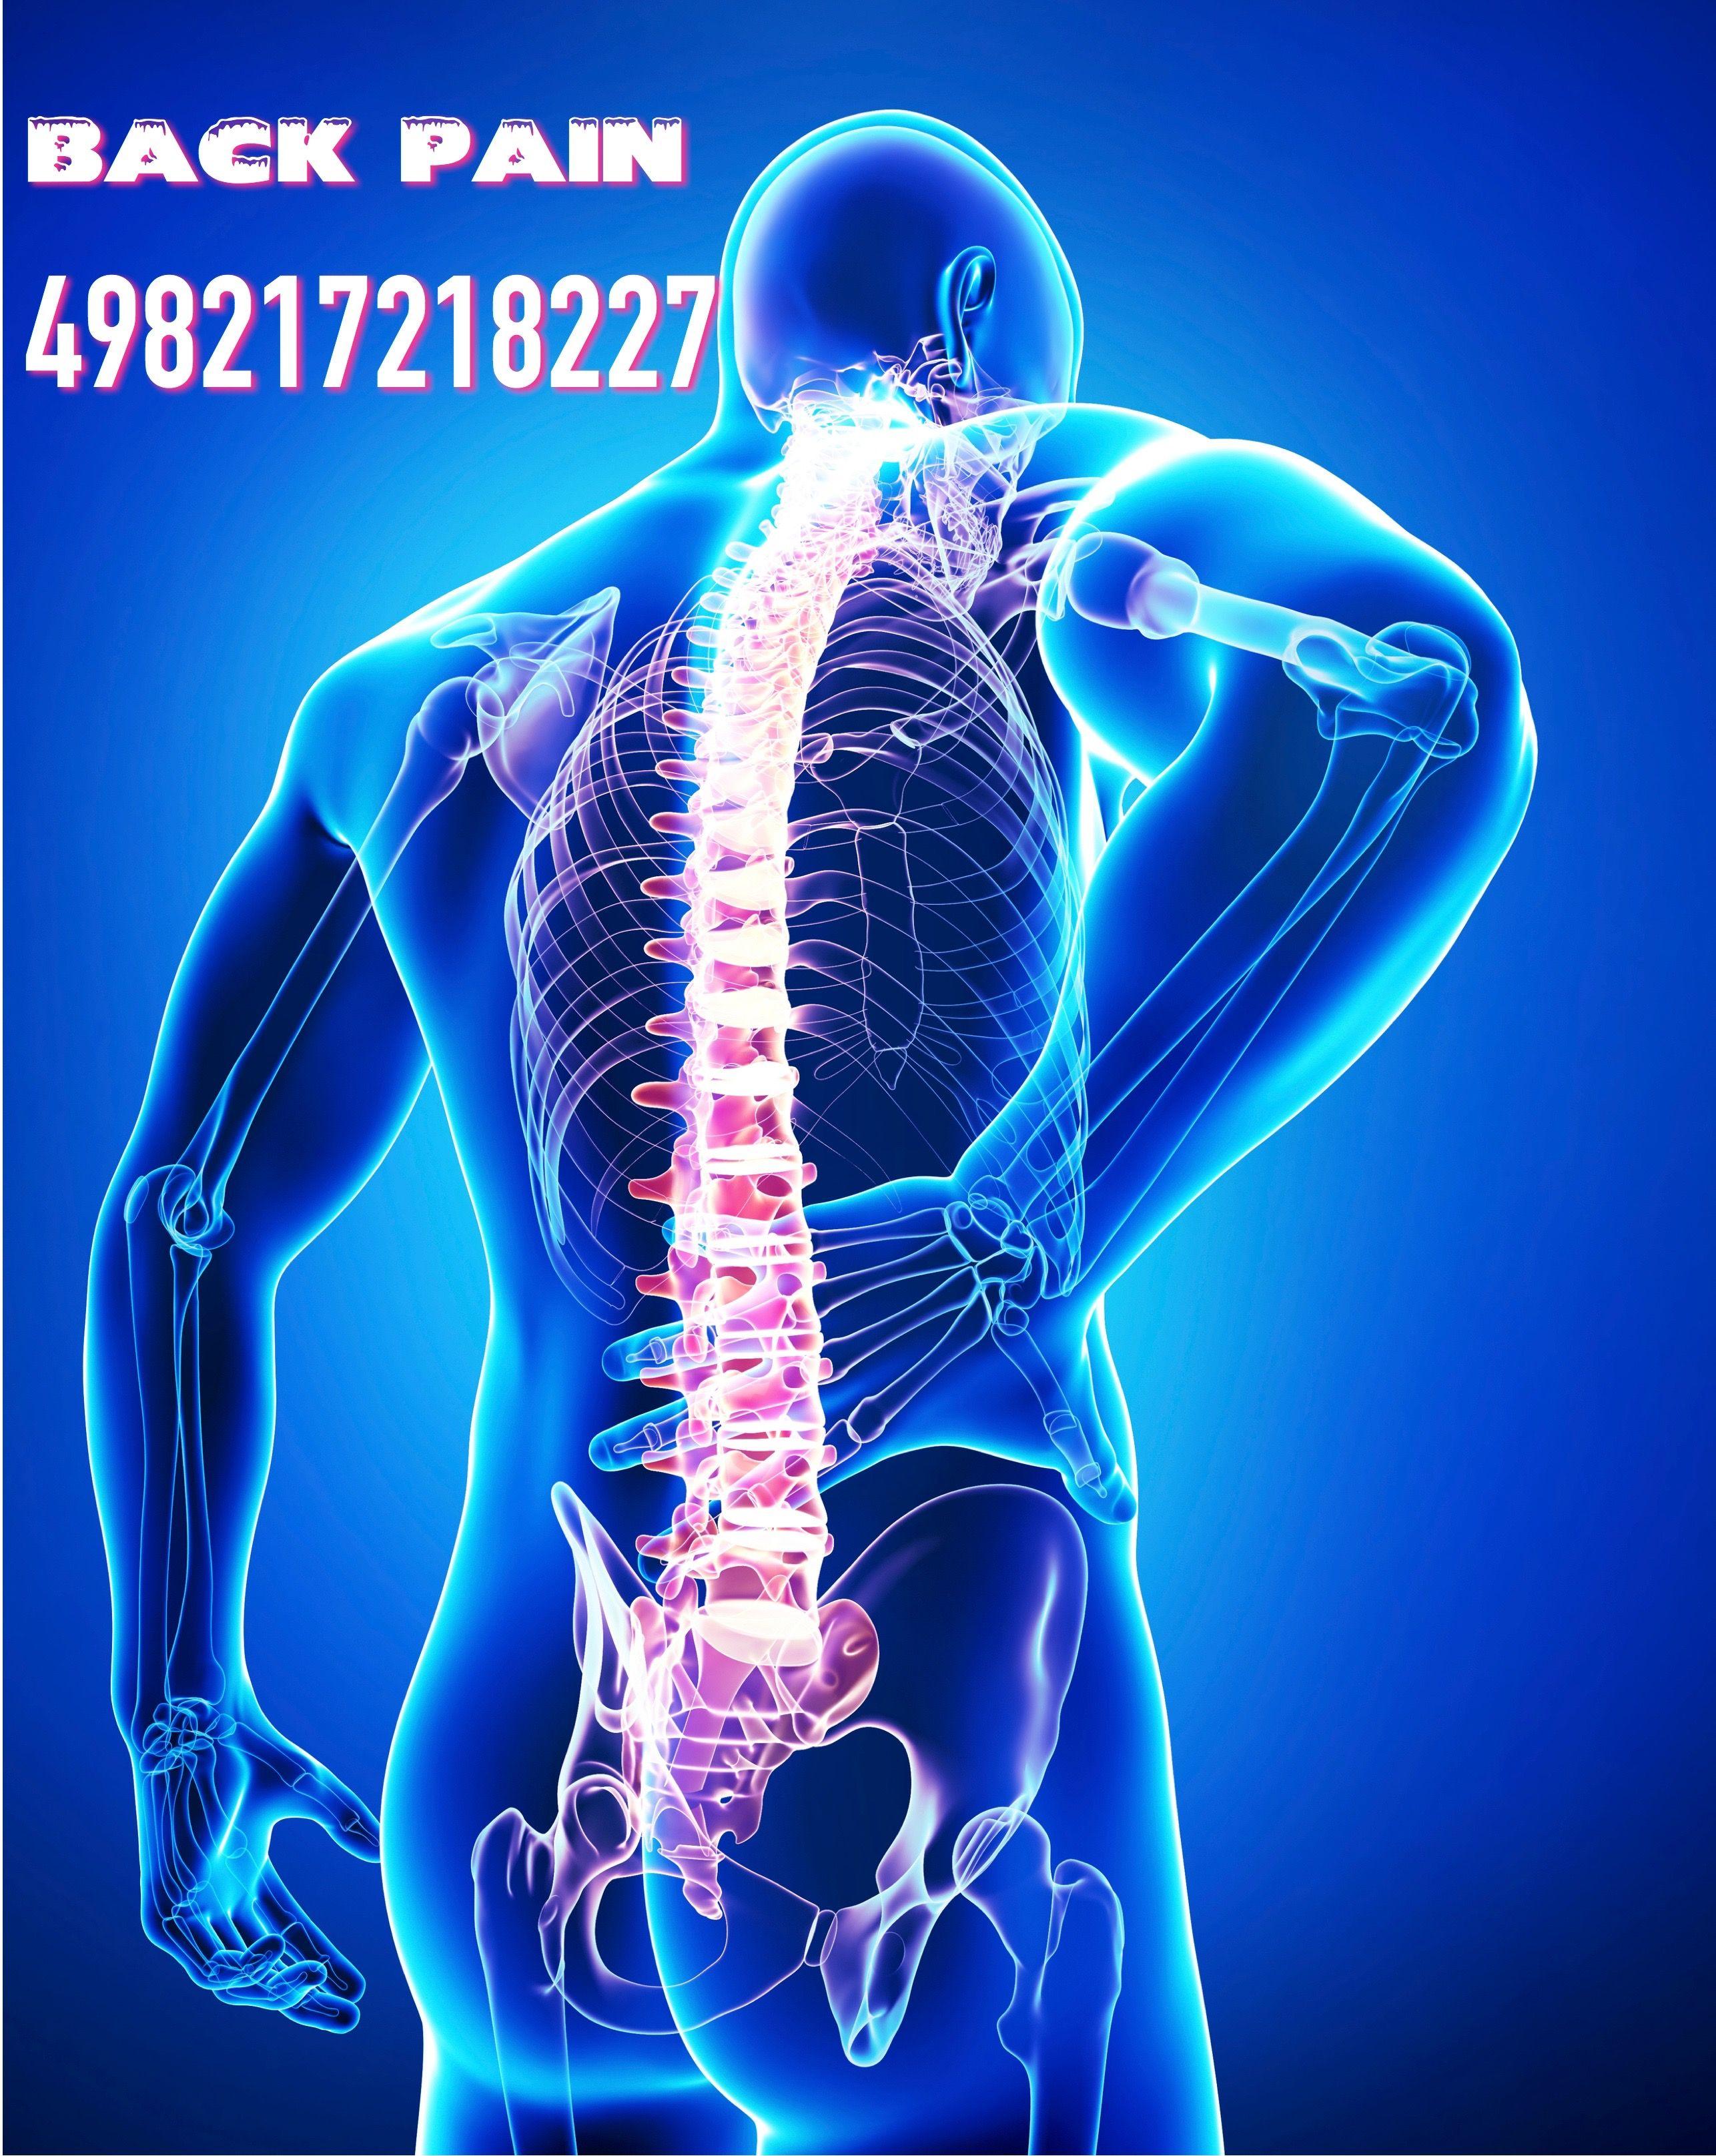 Grabovoi code for Back Pain